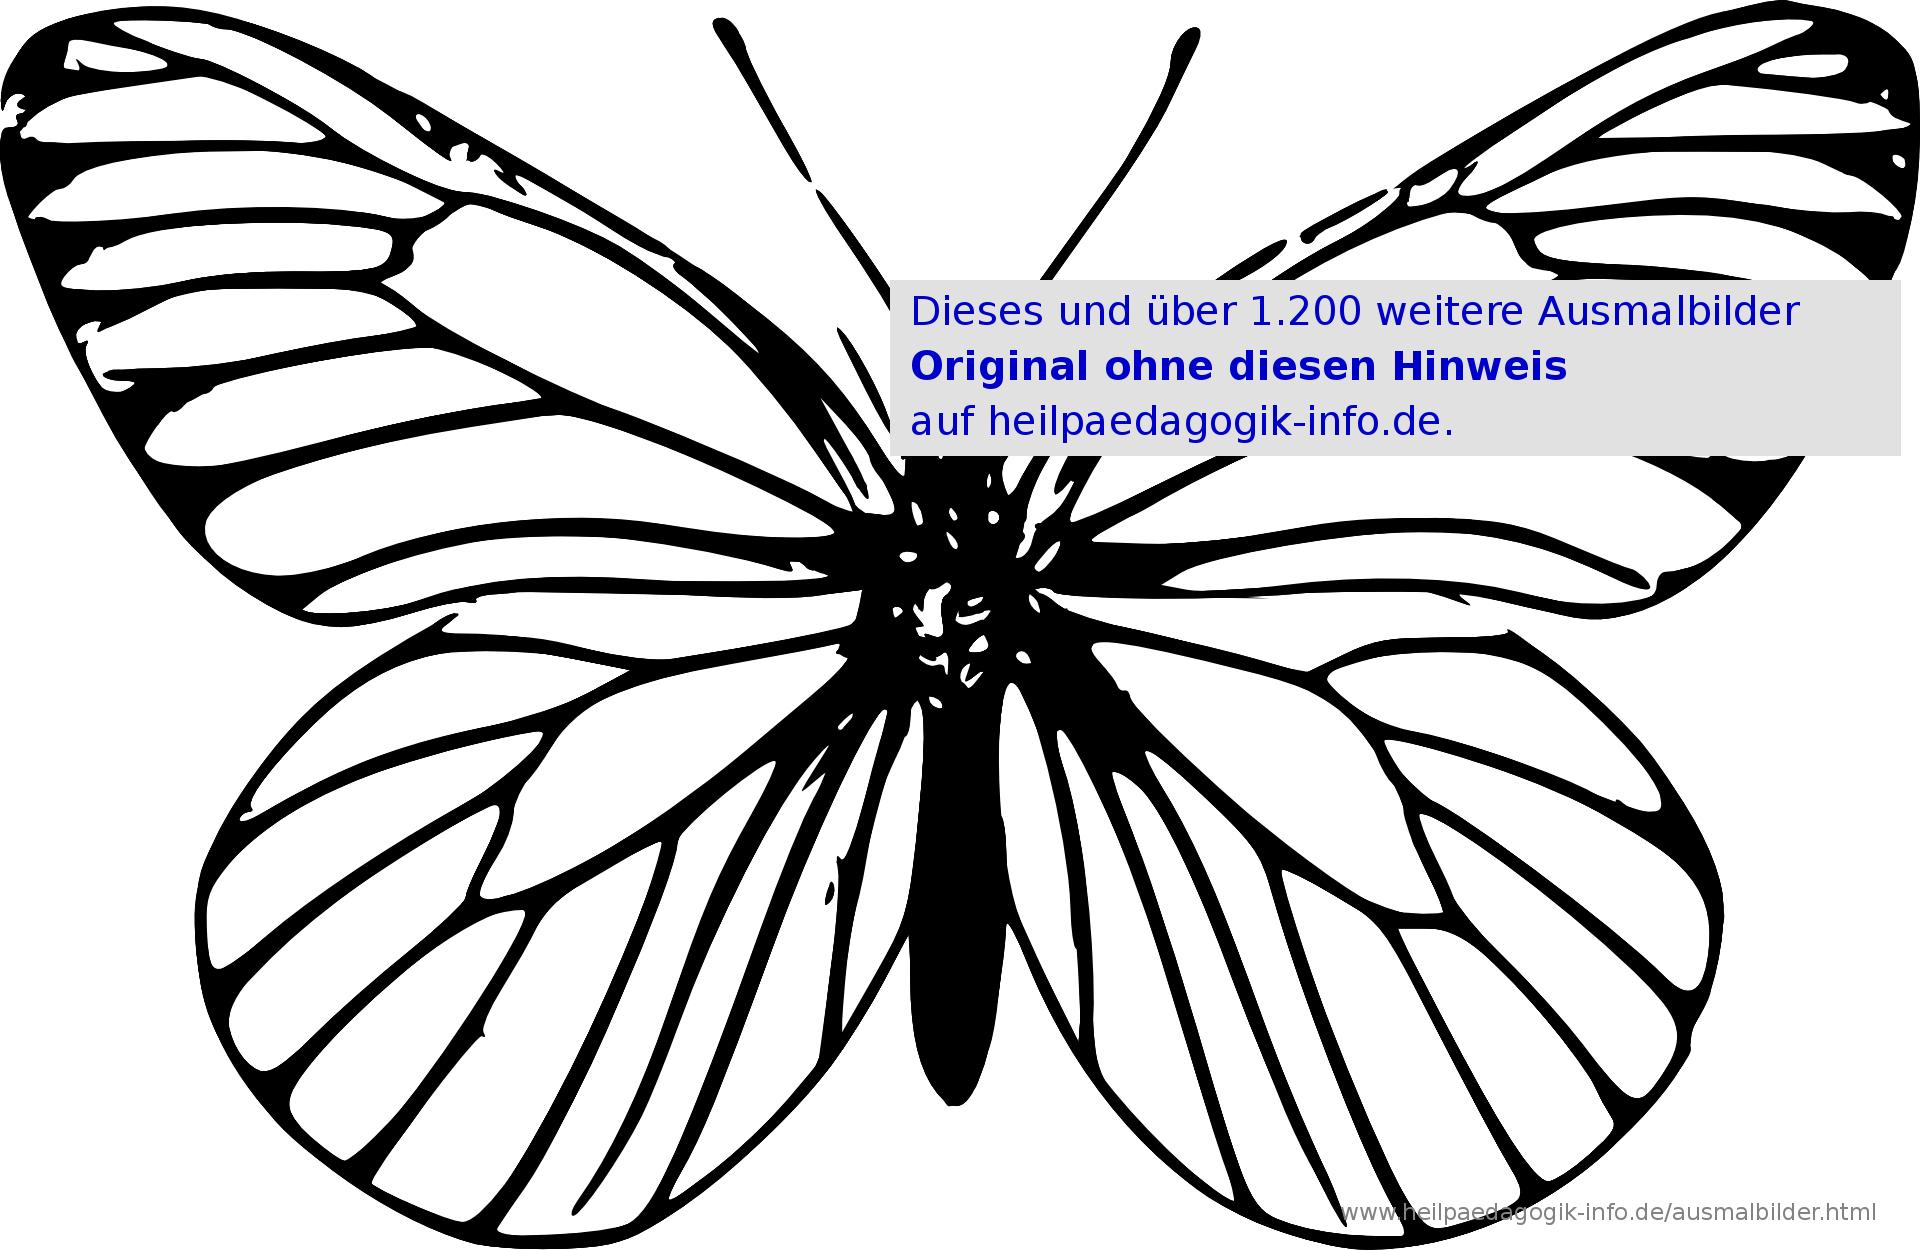 Ausmalbilder Käfer, Schmetterlinge, Insekten innen Malvorlage Schmetterling